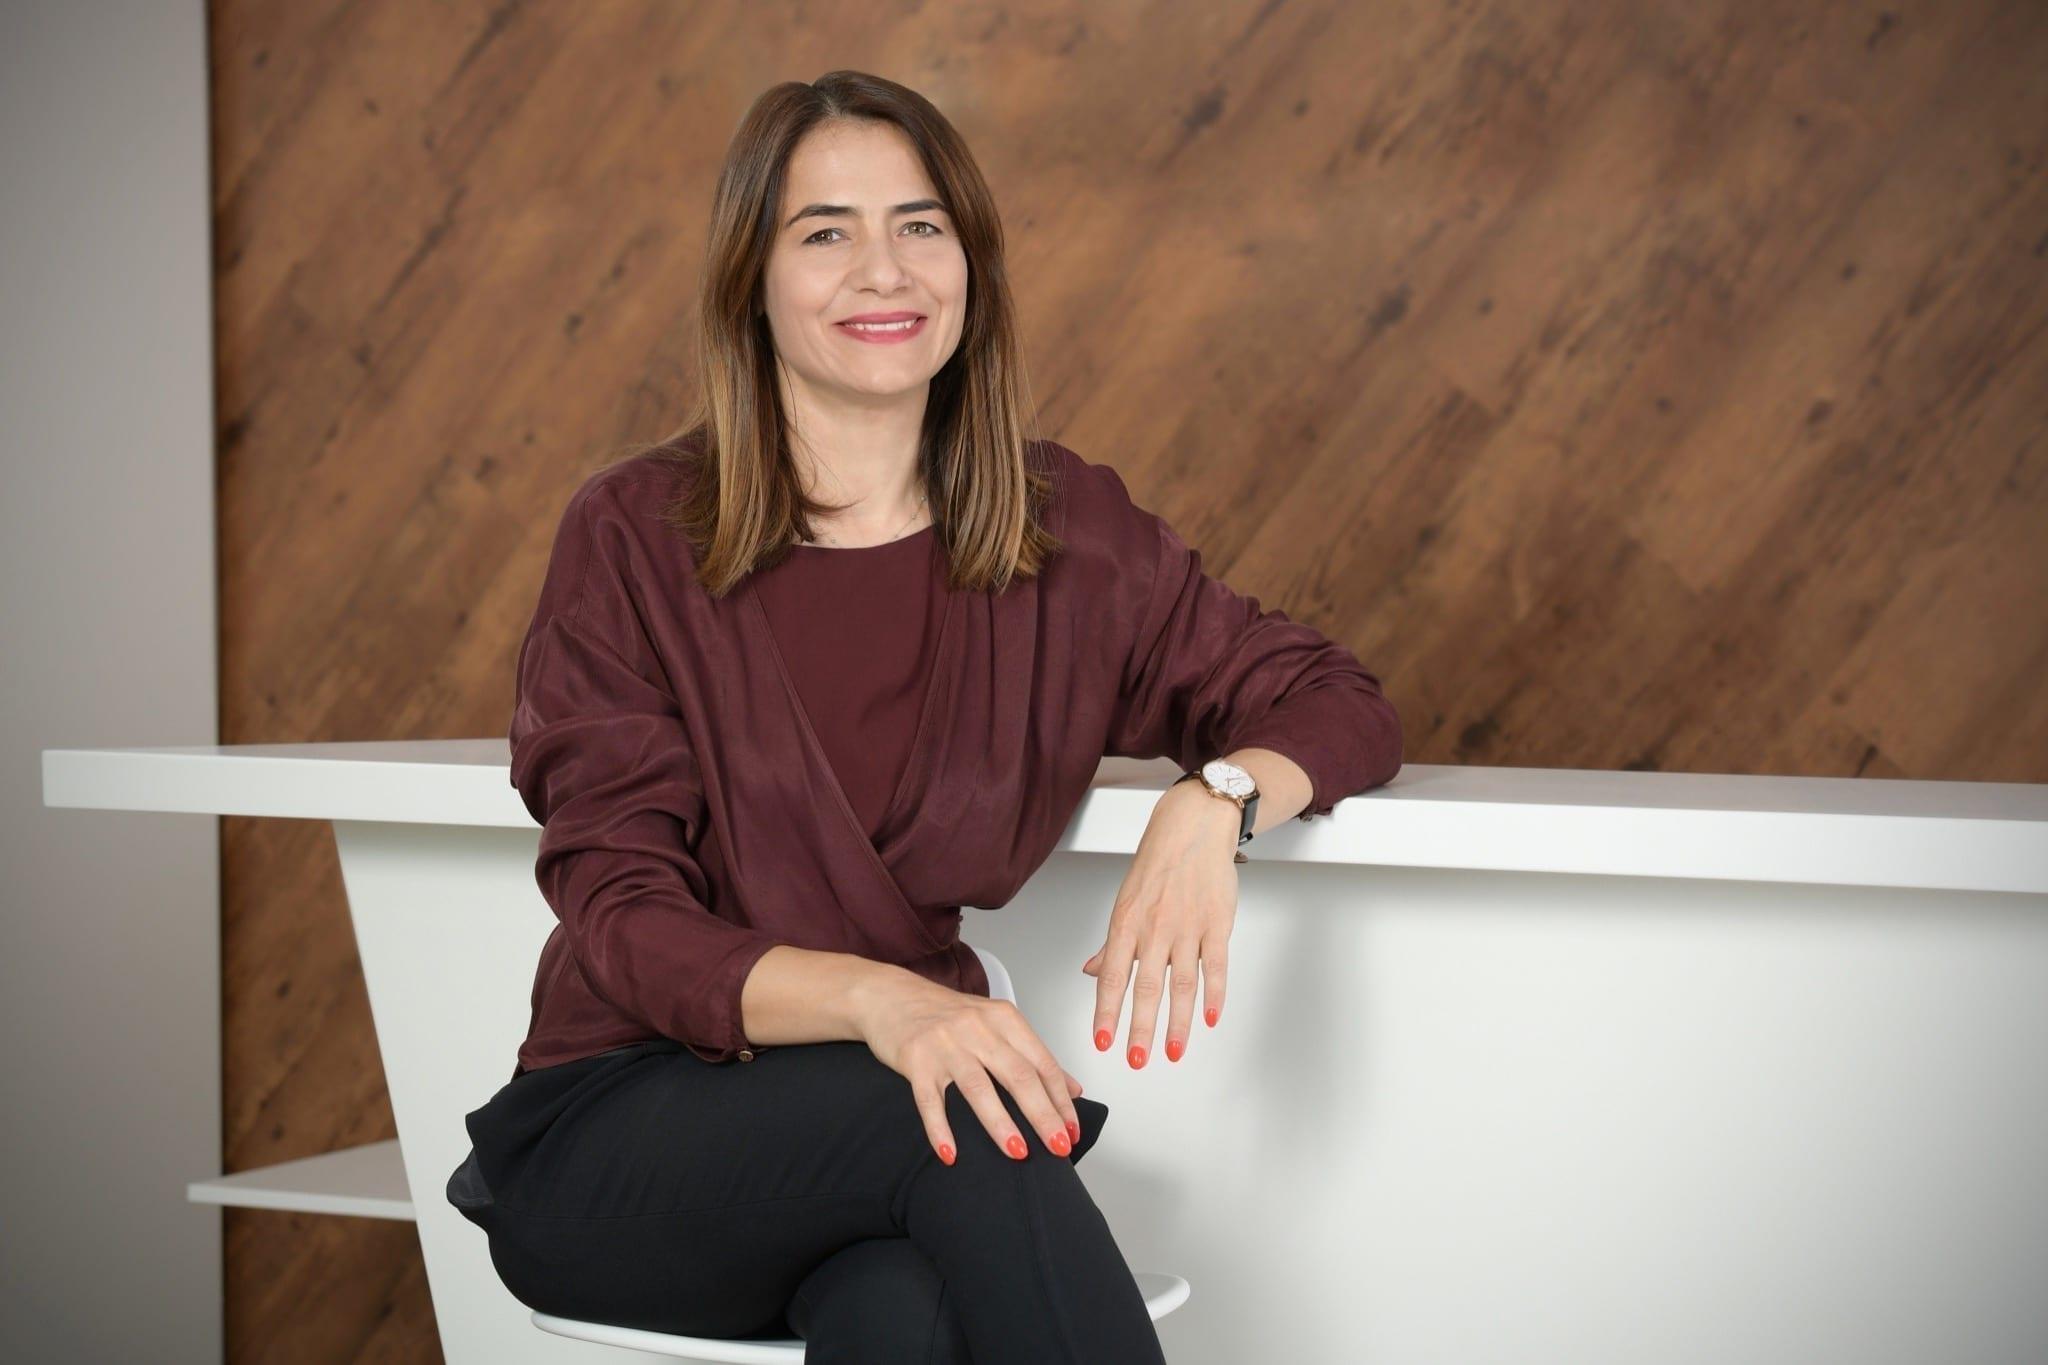 Andreea Hamza JLL Romania copy - Extinderea TVA de 5% pentru achiziția de locuințe, stimul de creștere al pieței imobiliare